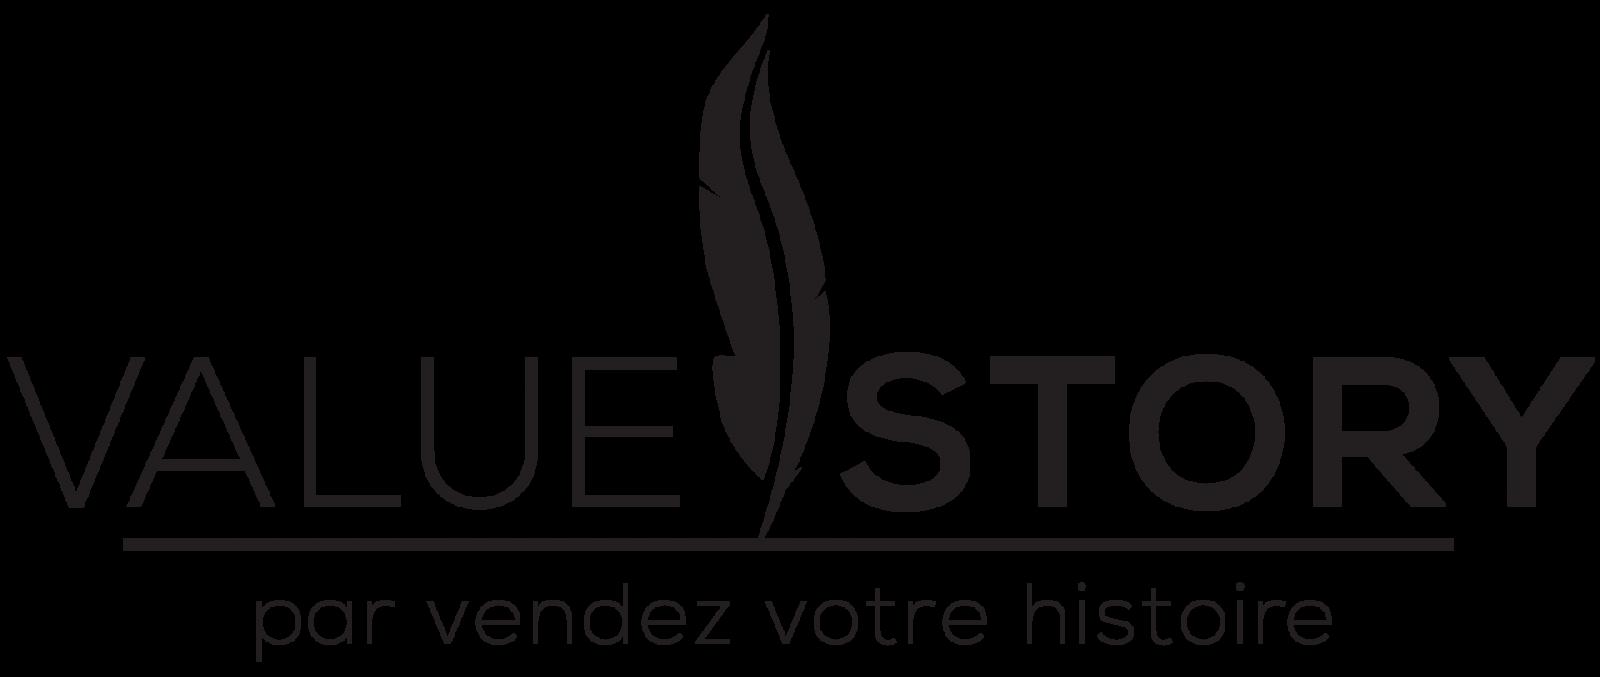 Vendez votre Histoire - la Méthode Value Story